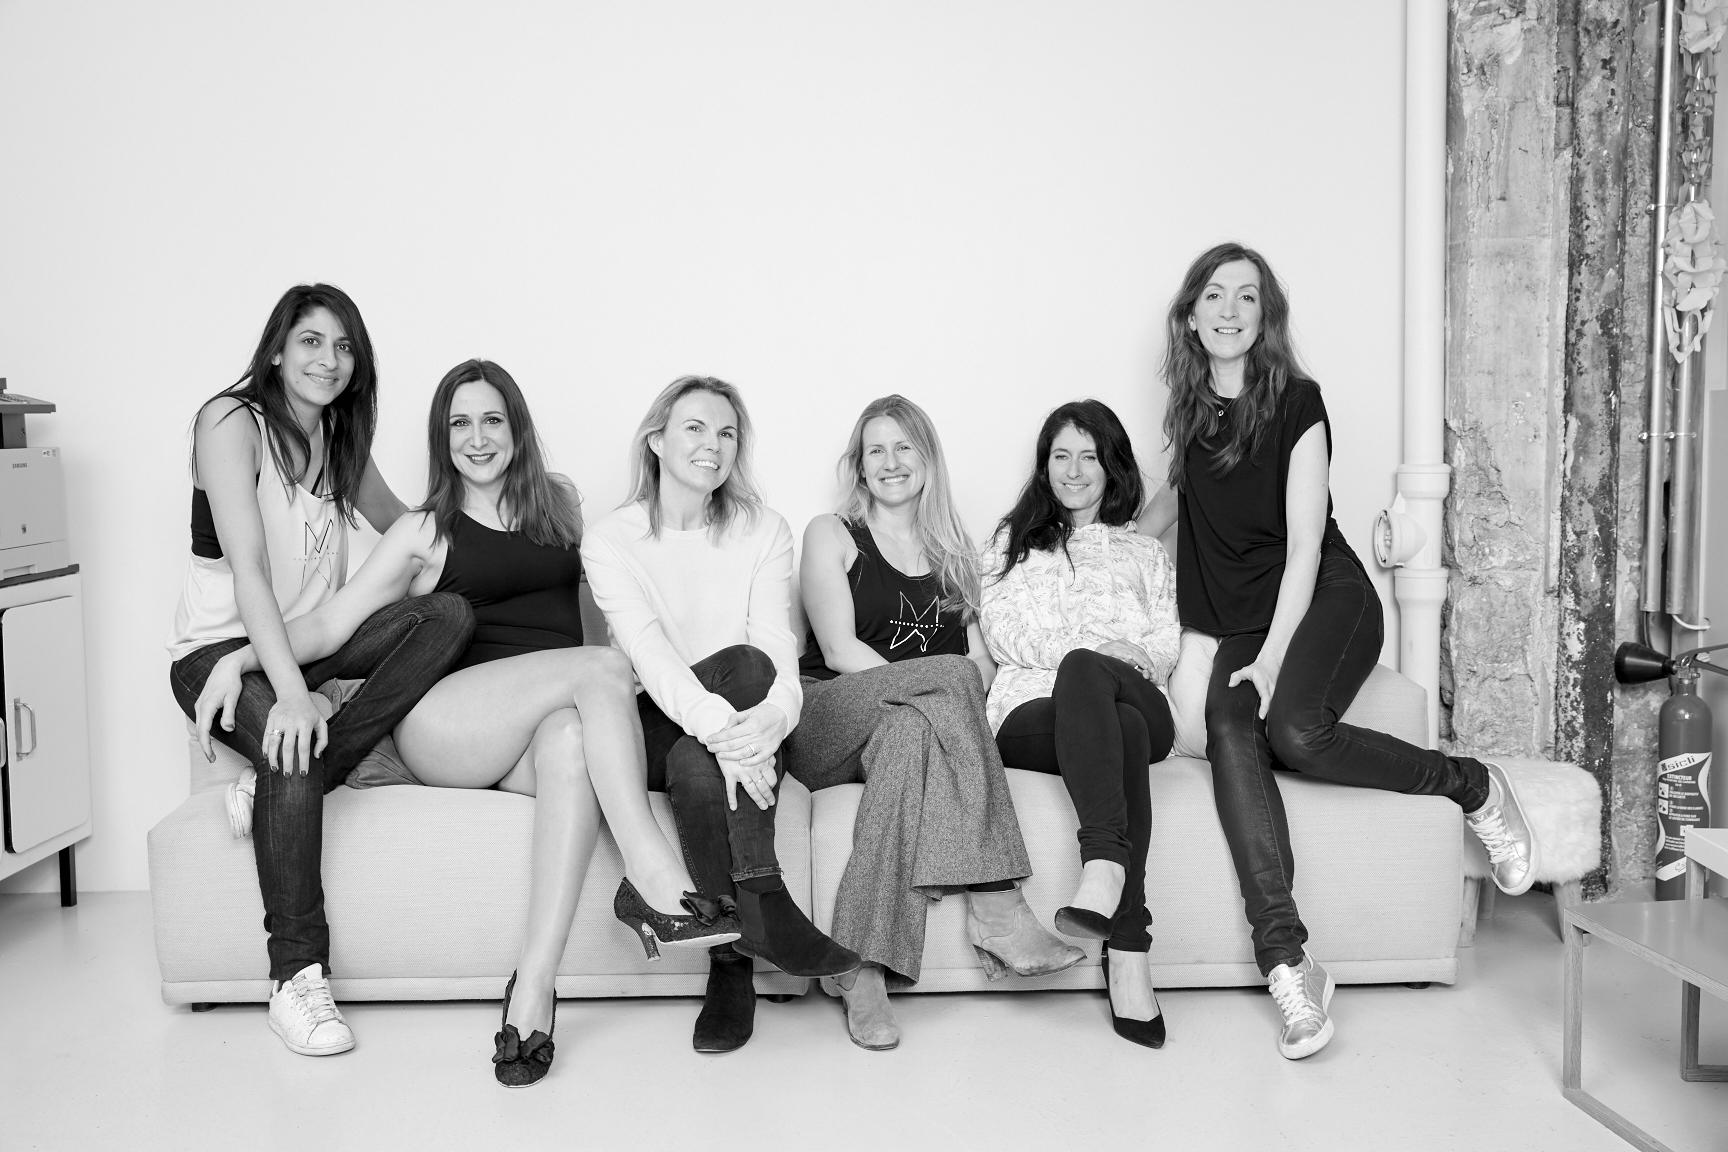 Les vêtements sensoriels Marie & Marie, interview de Nathalie Vautier